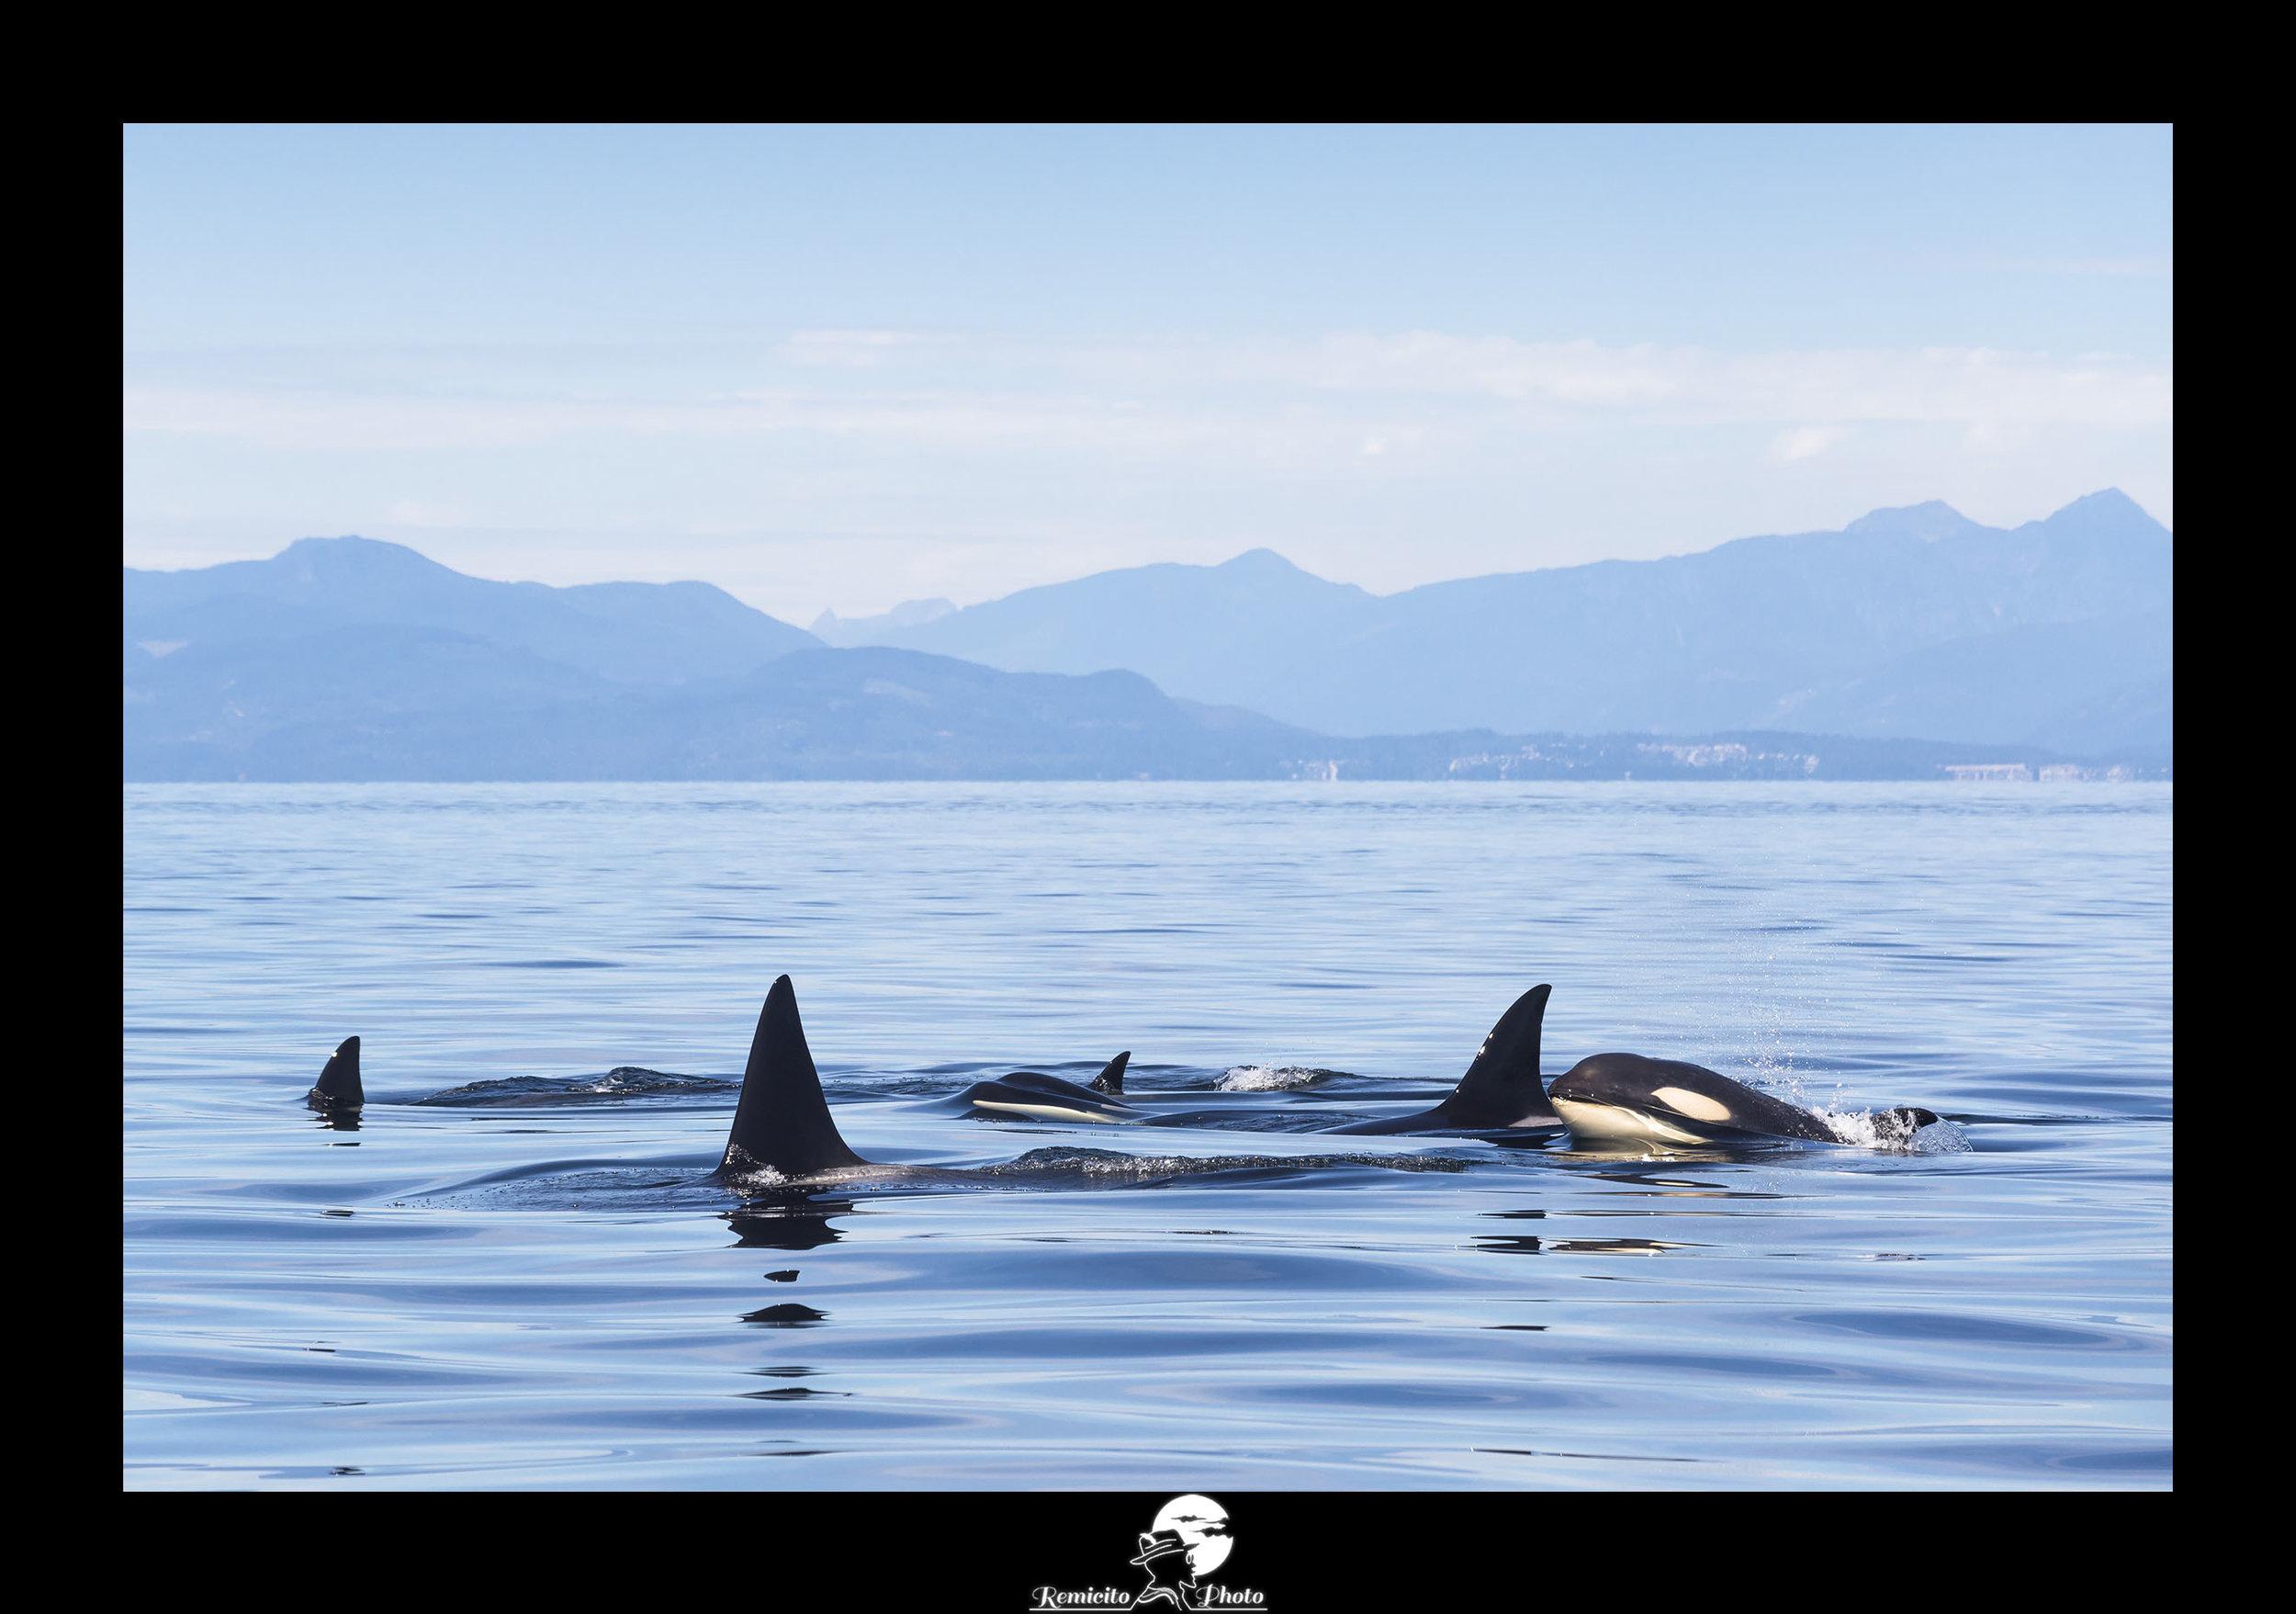 Remicito photo, remicito, image du jour, photo du jour, belle photo orques canada, orques ile de vancouver, belle photo idée cadeau orques, décoration belle photo cadeau